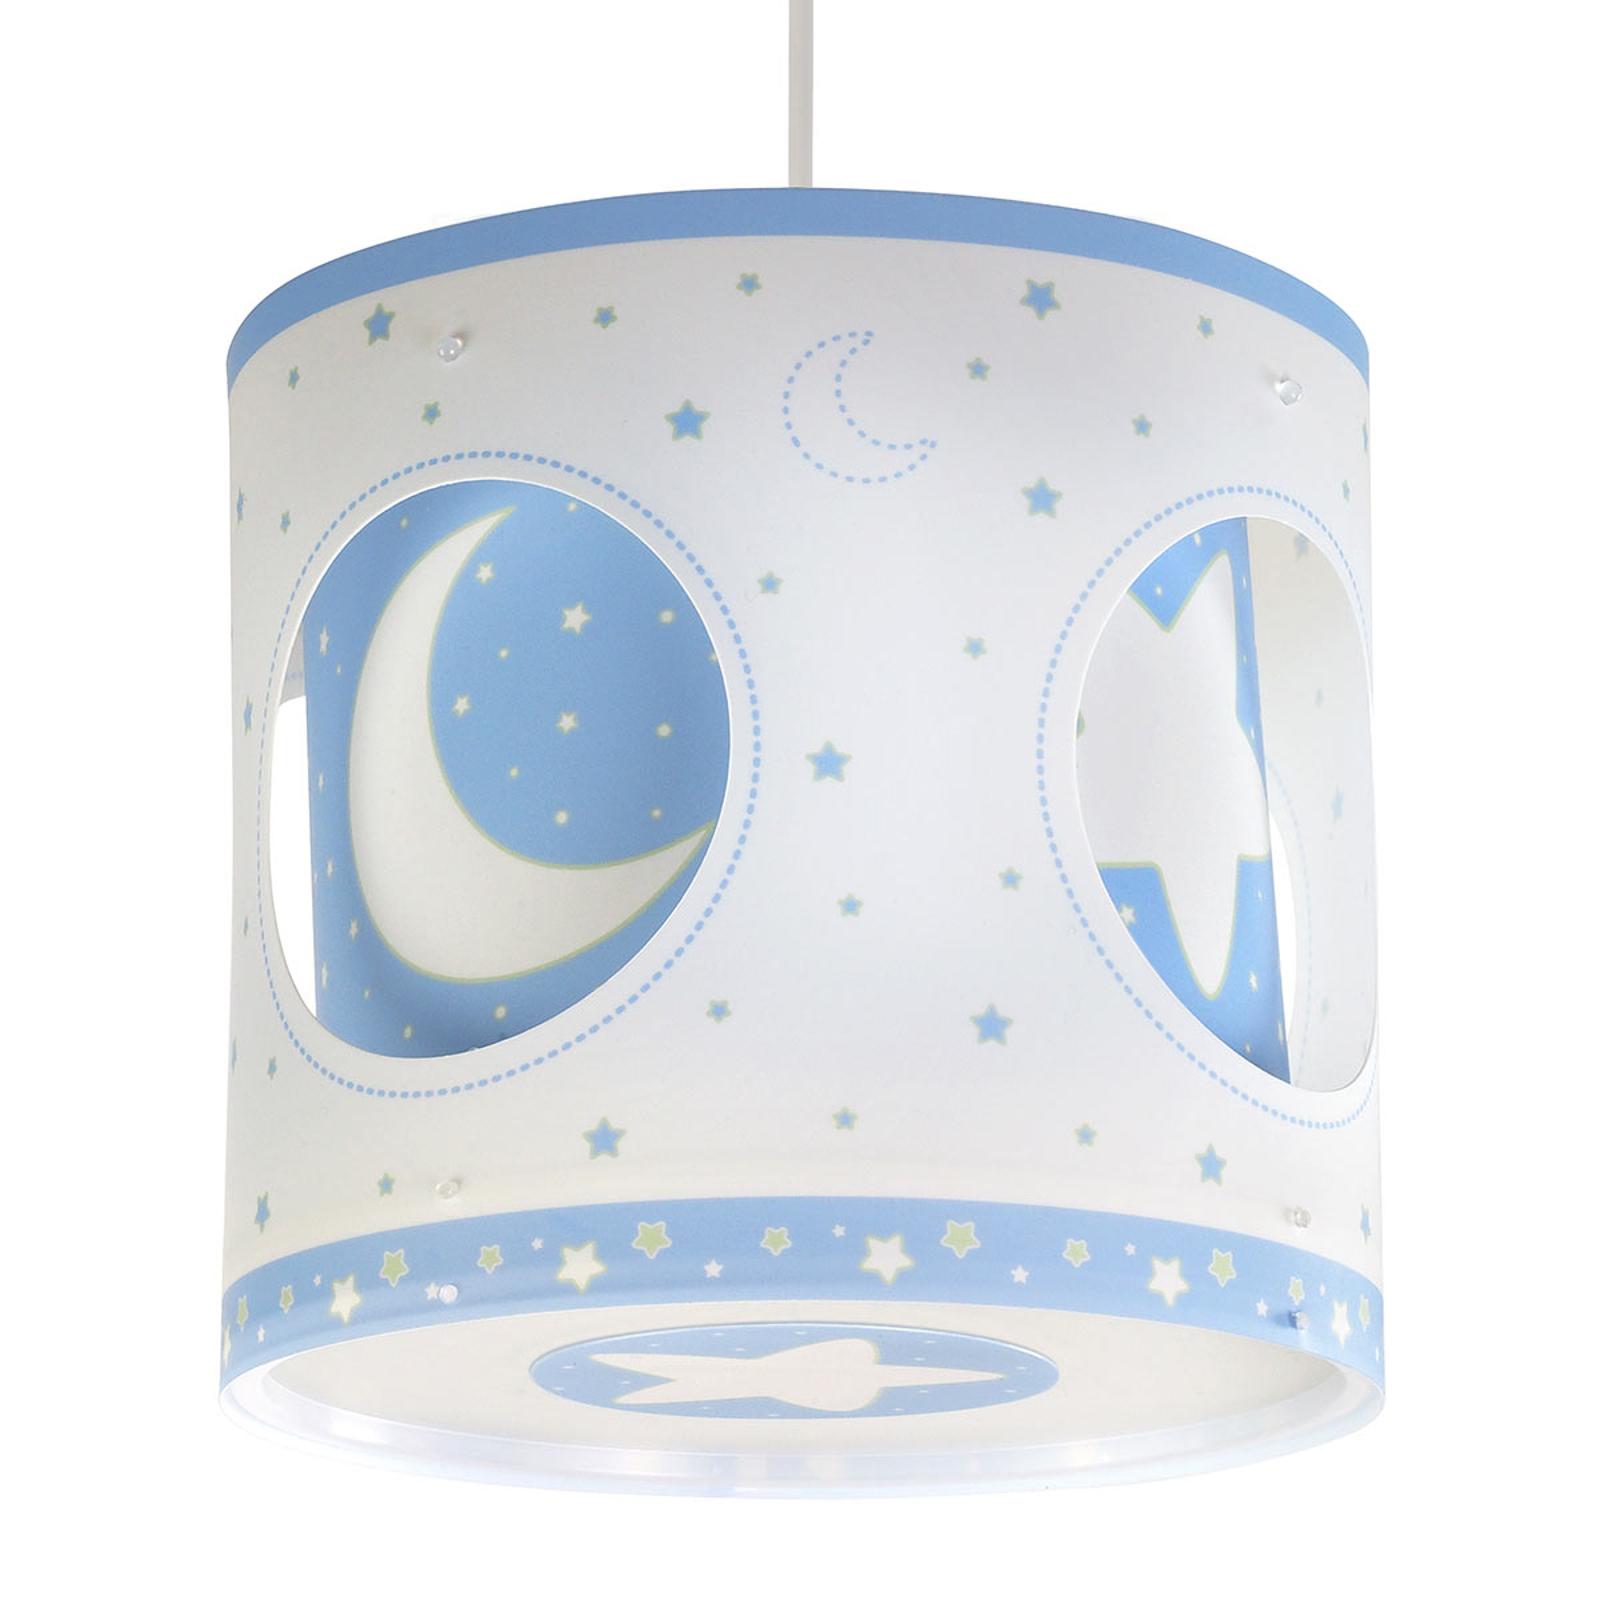 Hanglamp nachtelijke hemel, draaiend, blauw